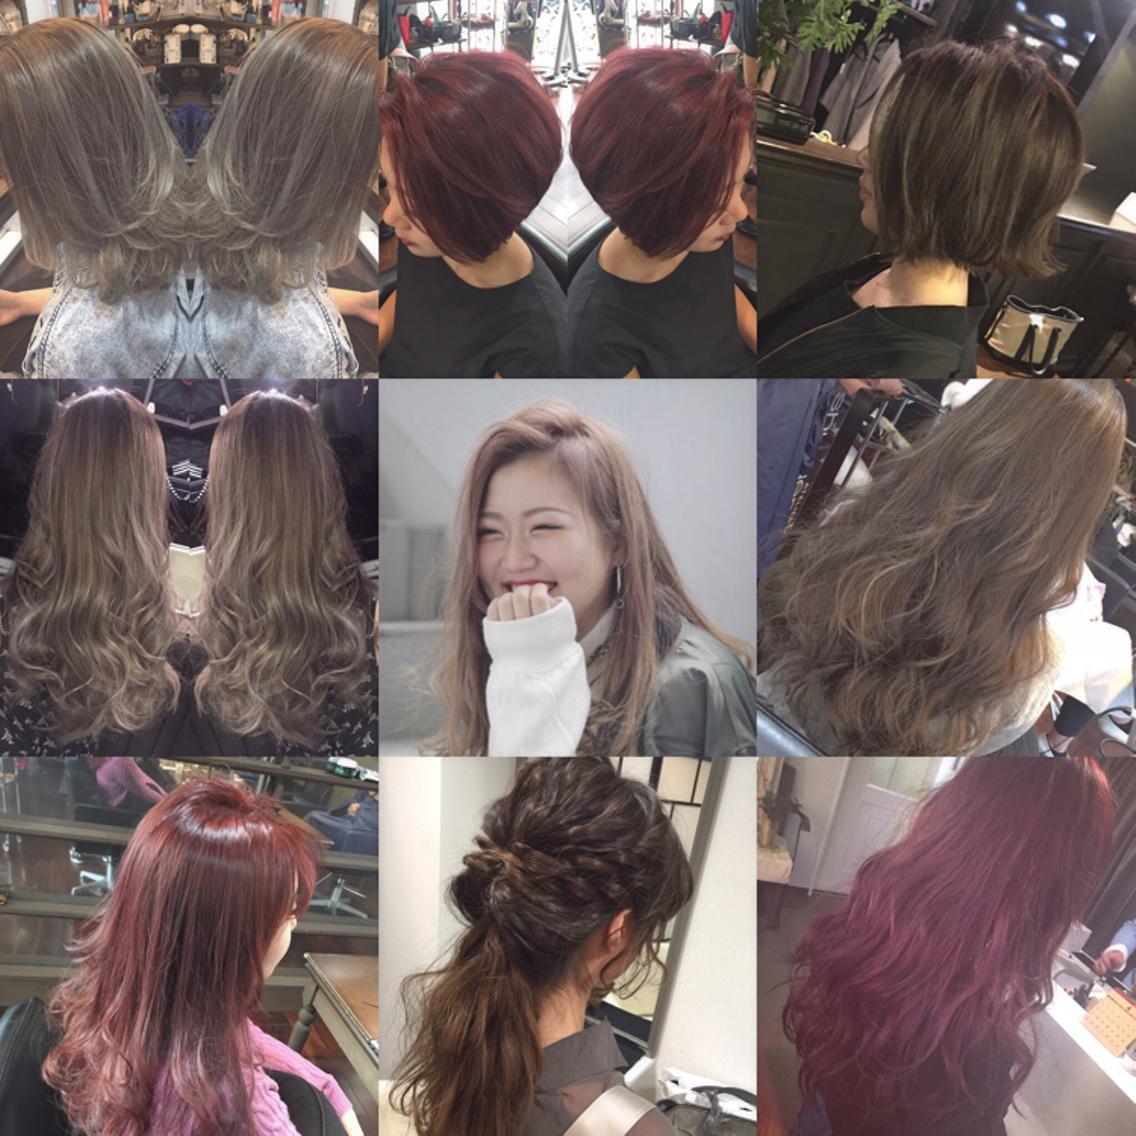 《何度でも申し込み可能♬》心斎橋駅徒歩5分以内★☆髪色、髪型、画像ご相談下さい♬